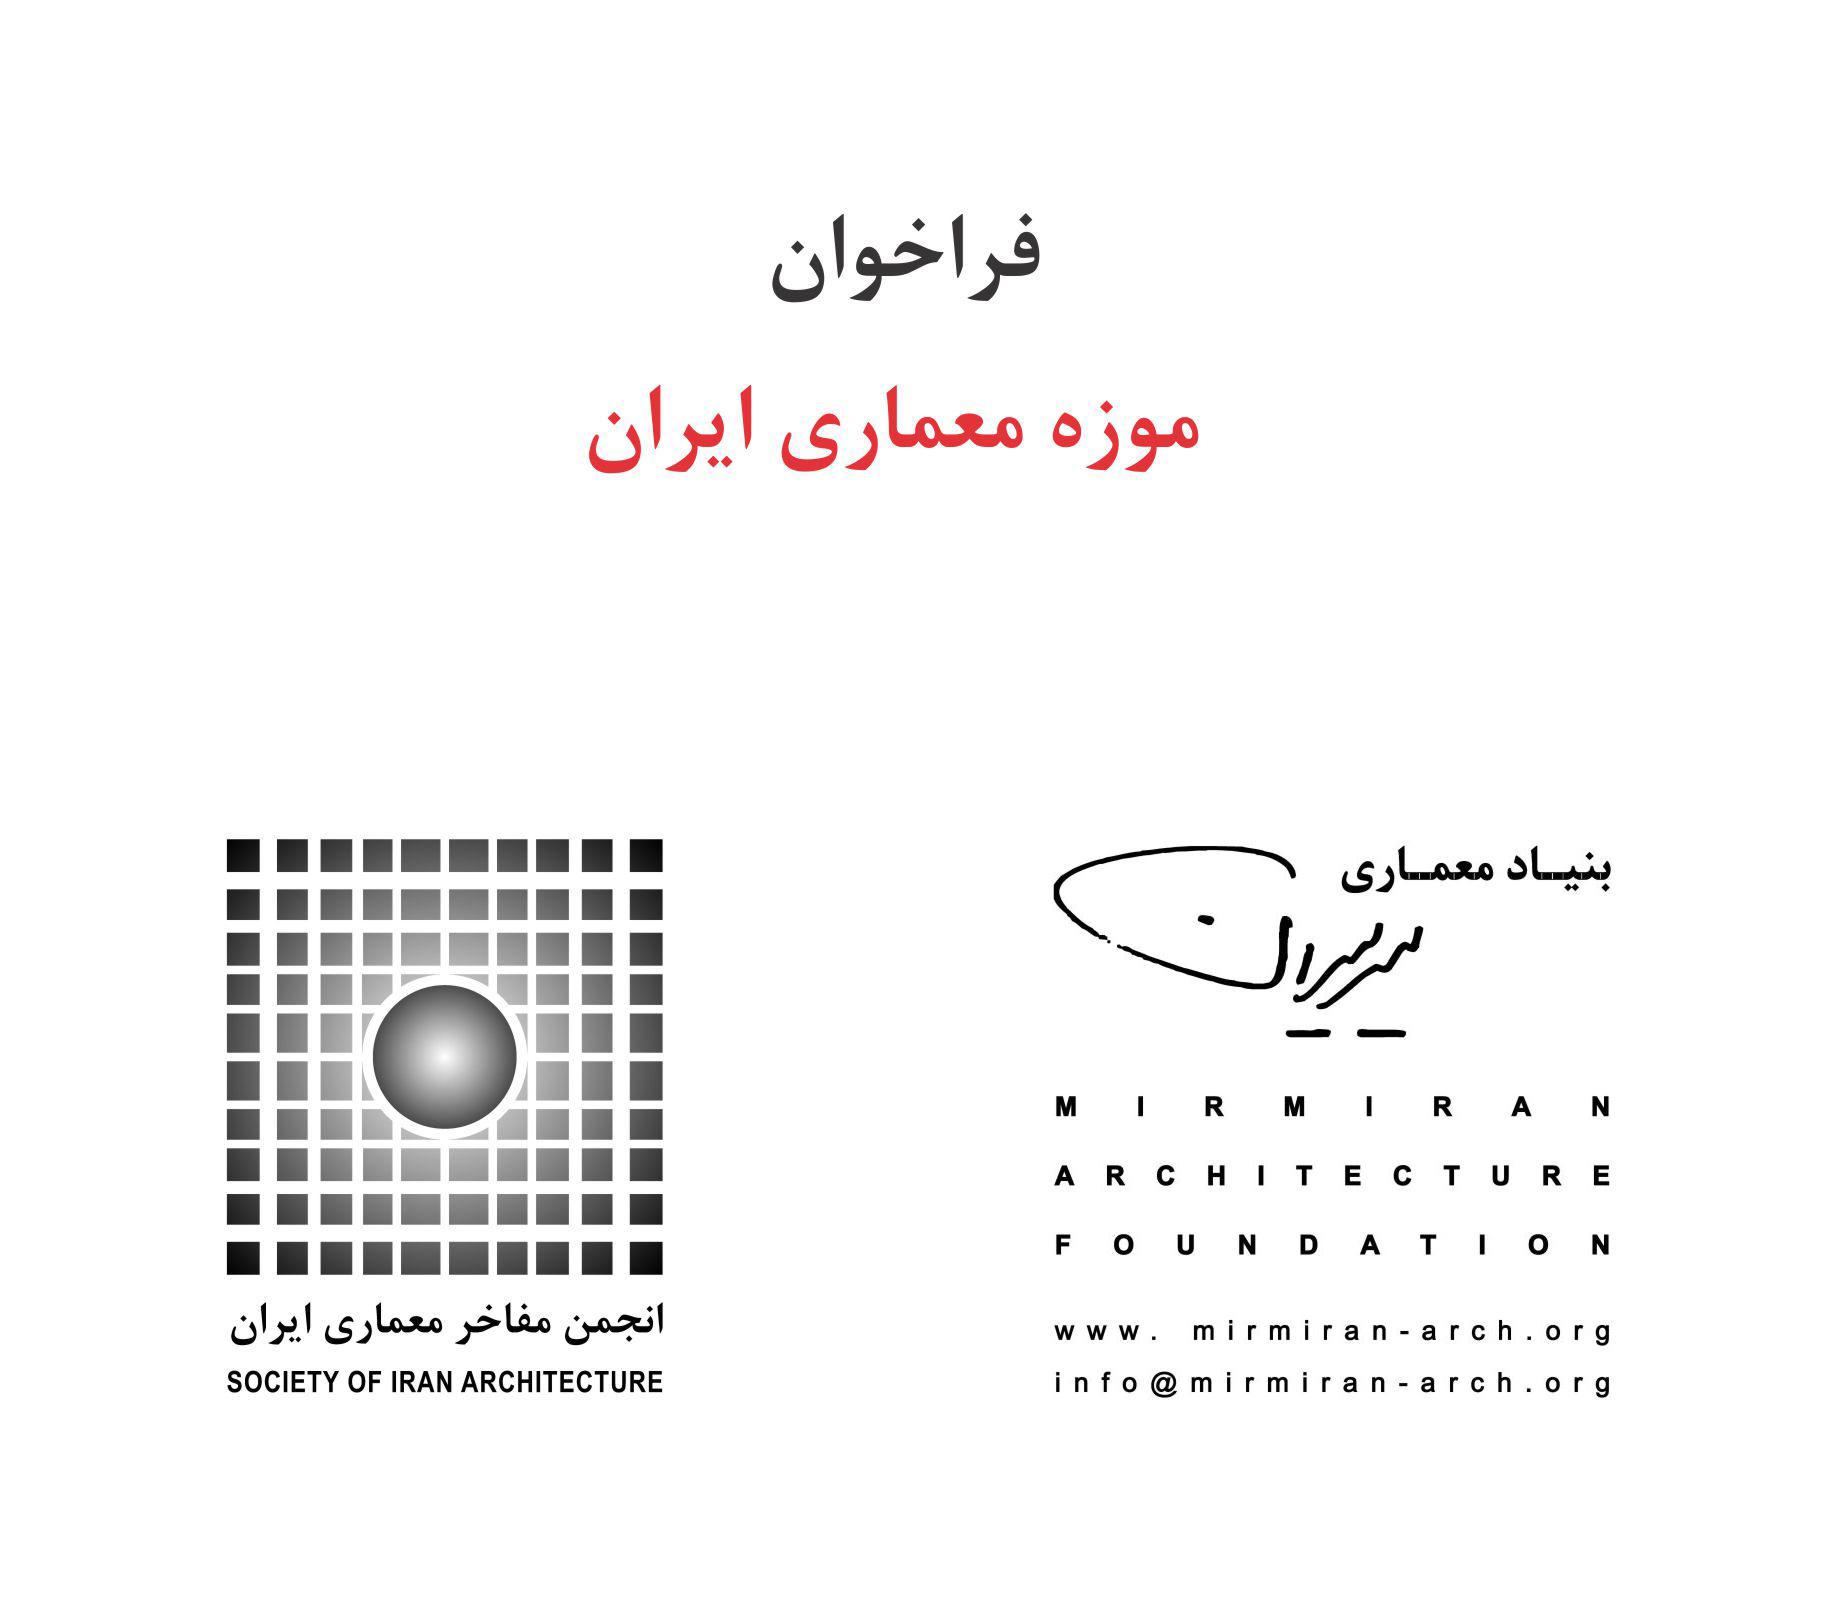 فراخوان موزه معماری ایران